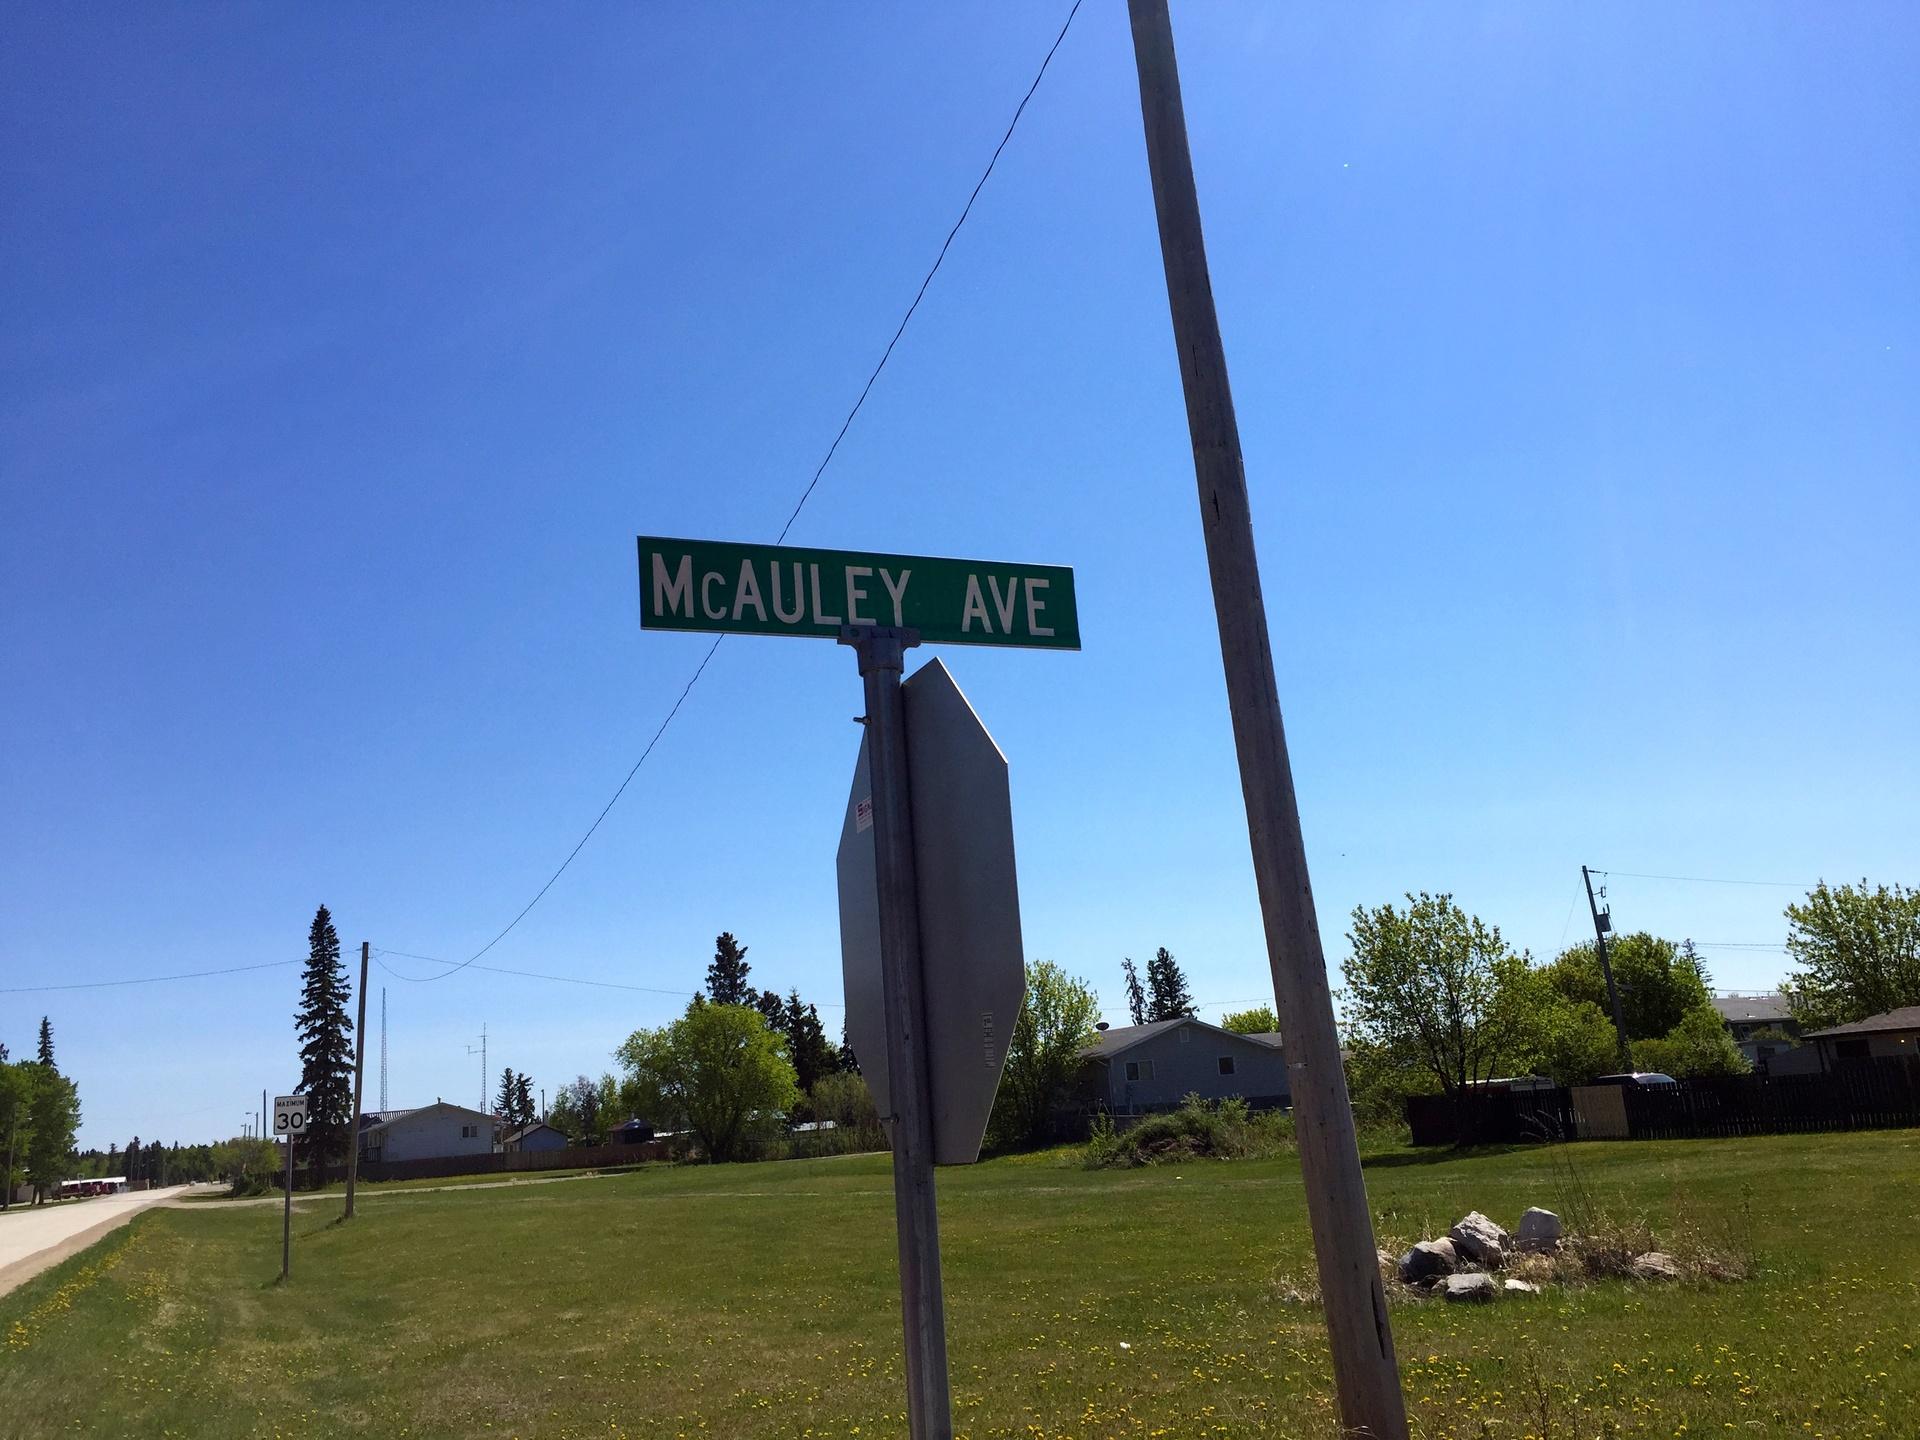 McAuley Avenue